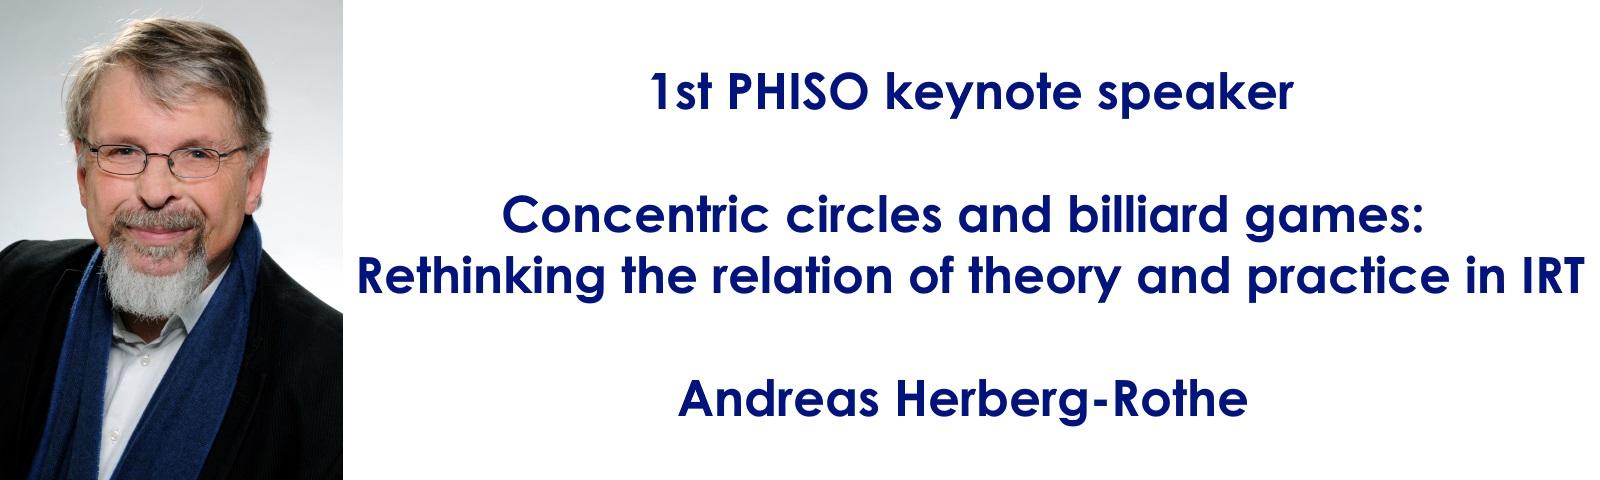 first keynote